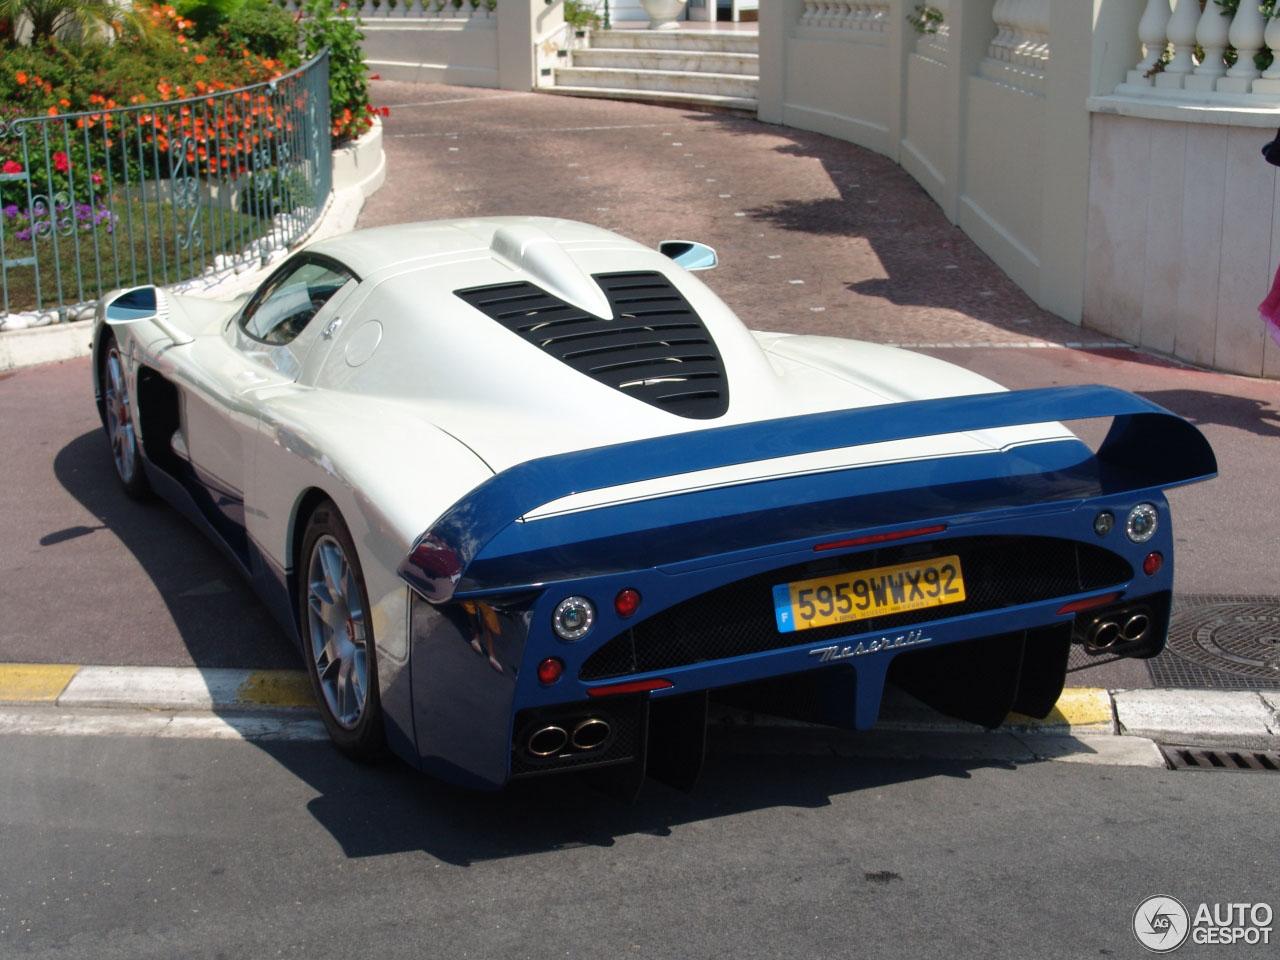 Dertien jaar geleden werd deze Maserati MC12 gespot